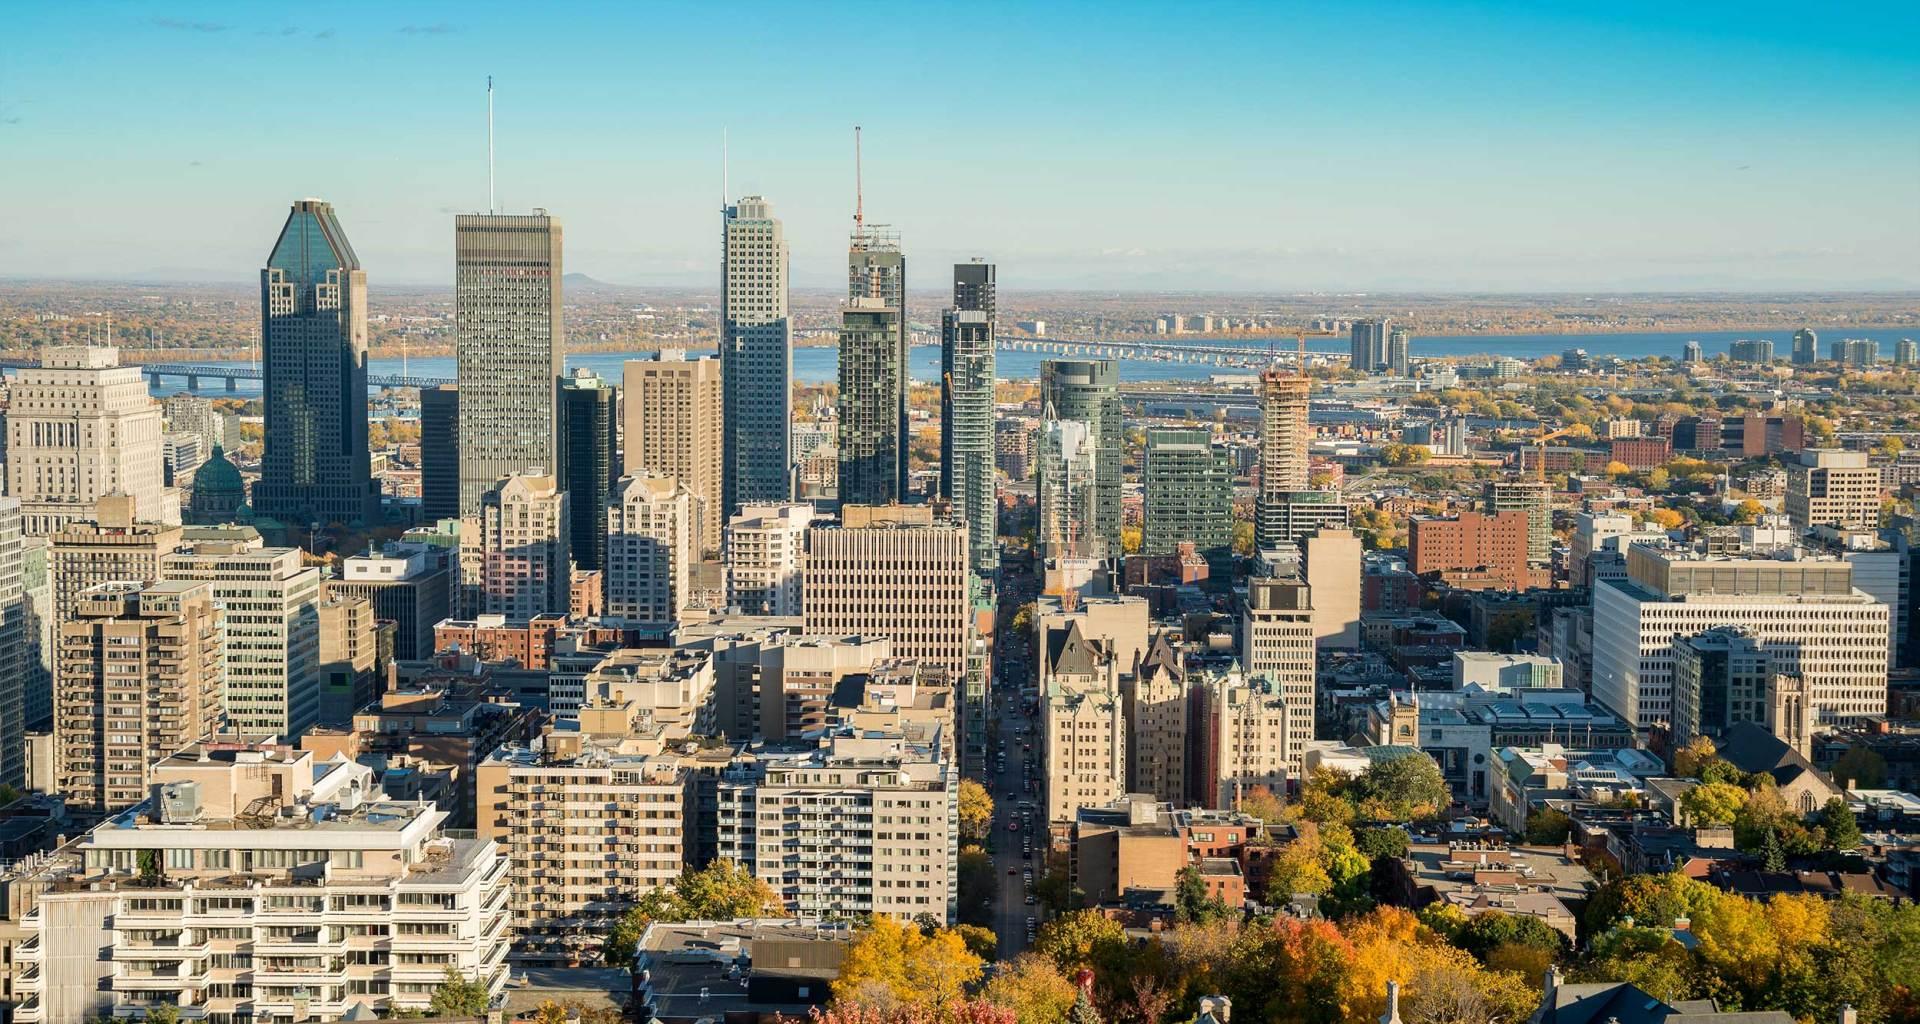 Montréal, Québec, Canada skyline.